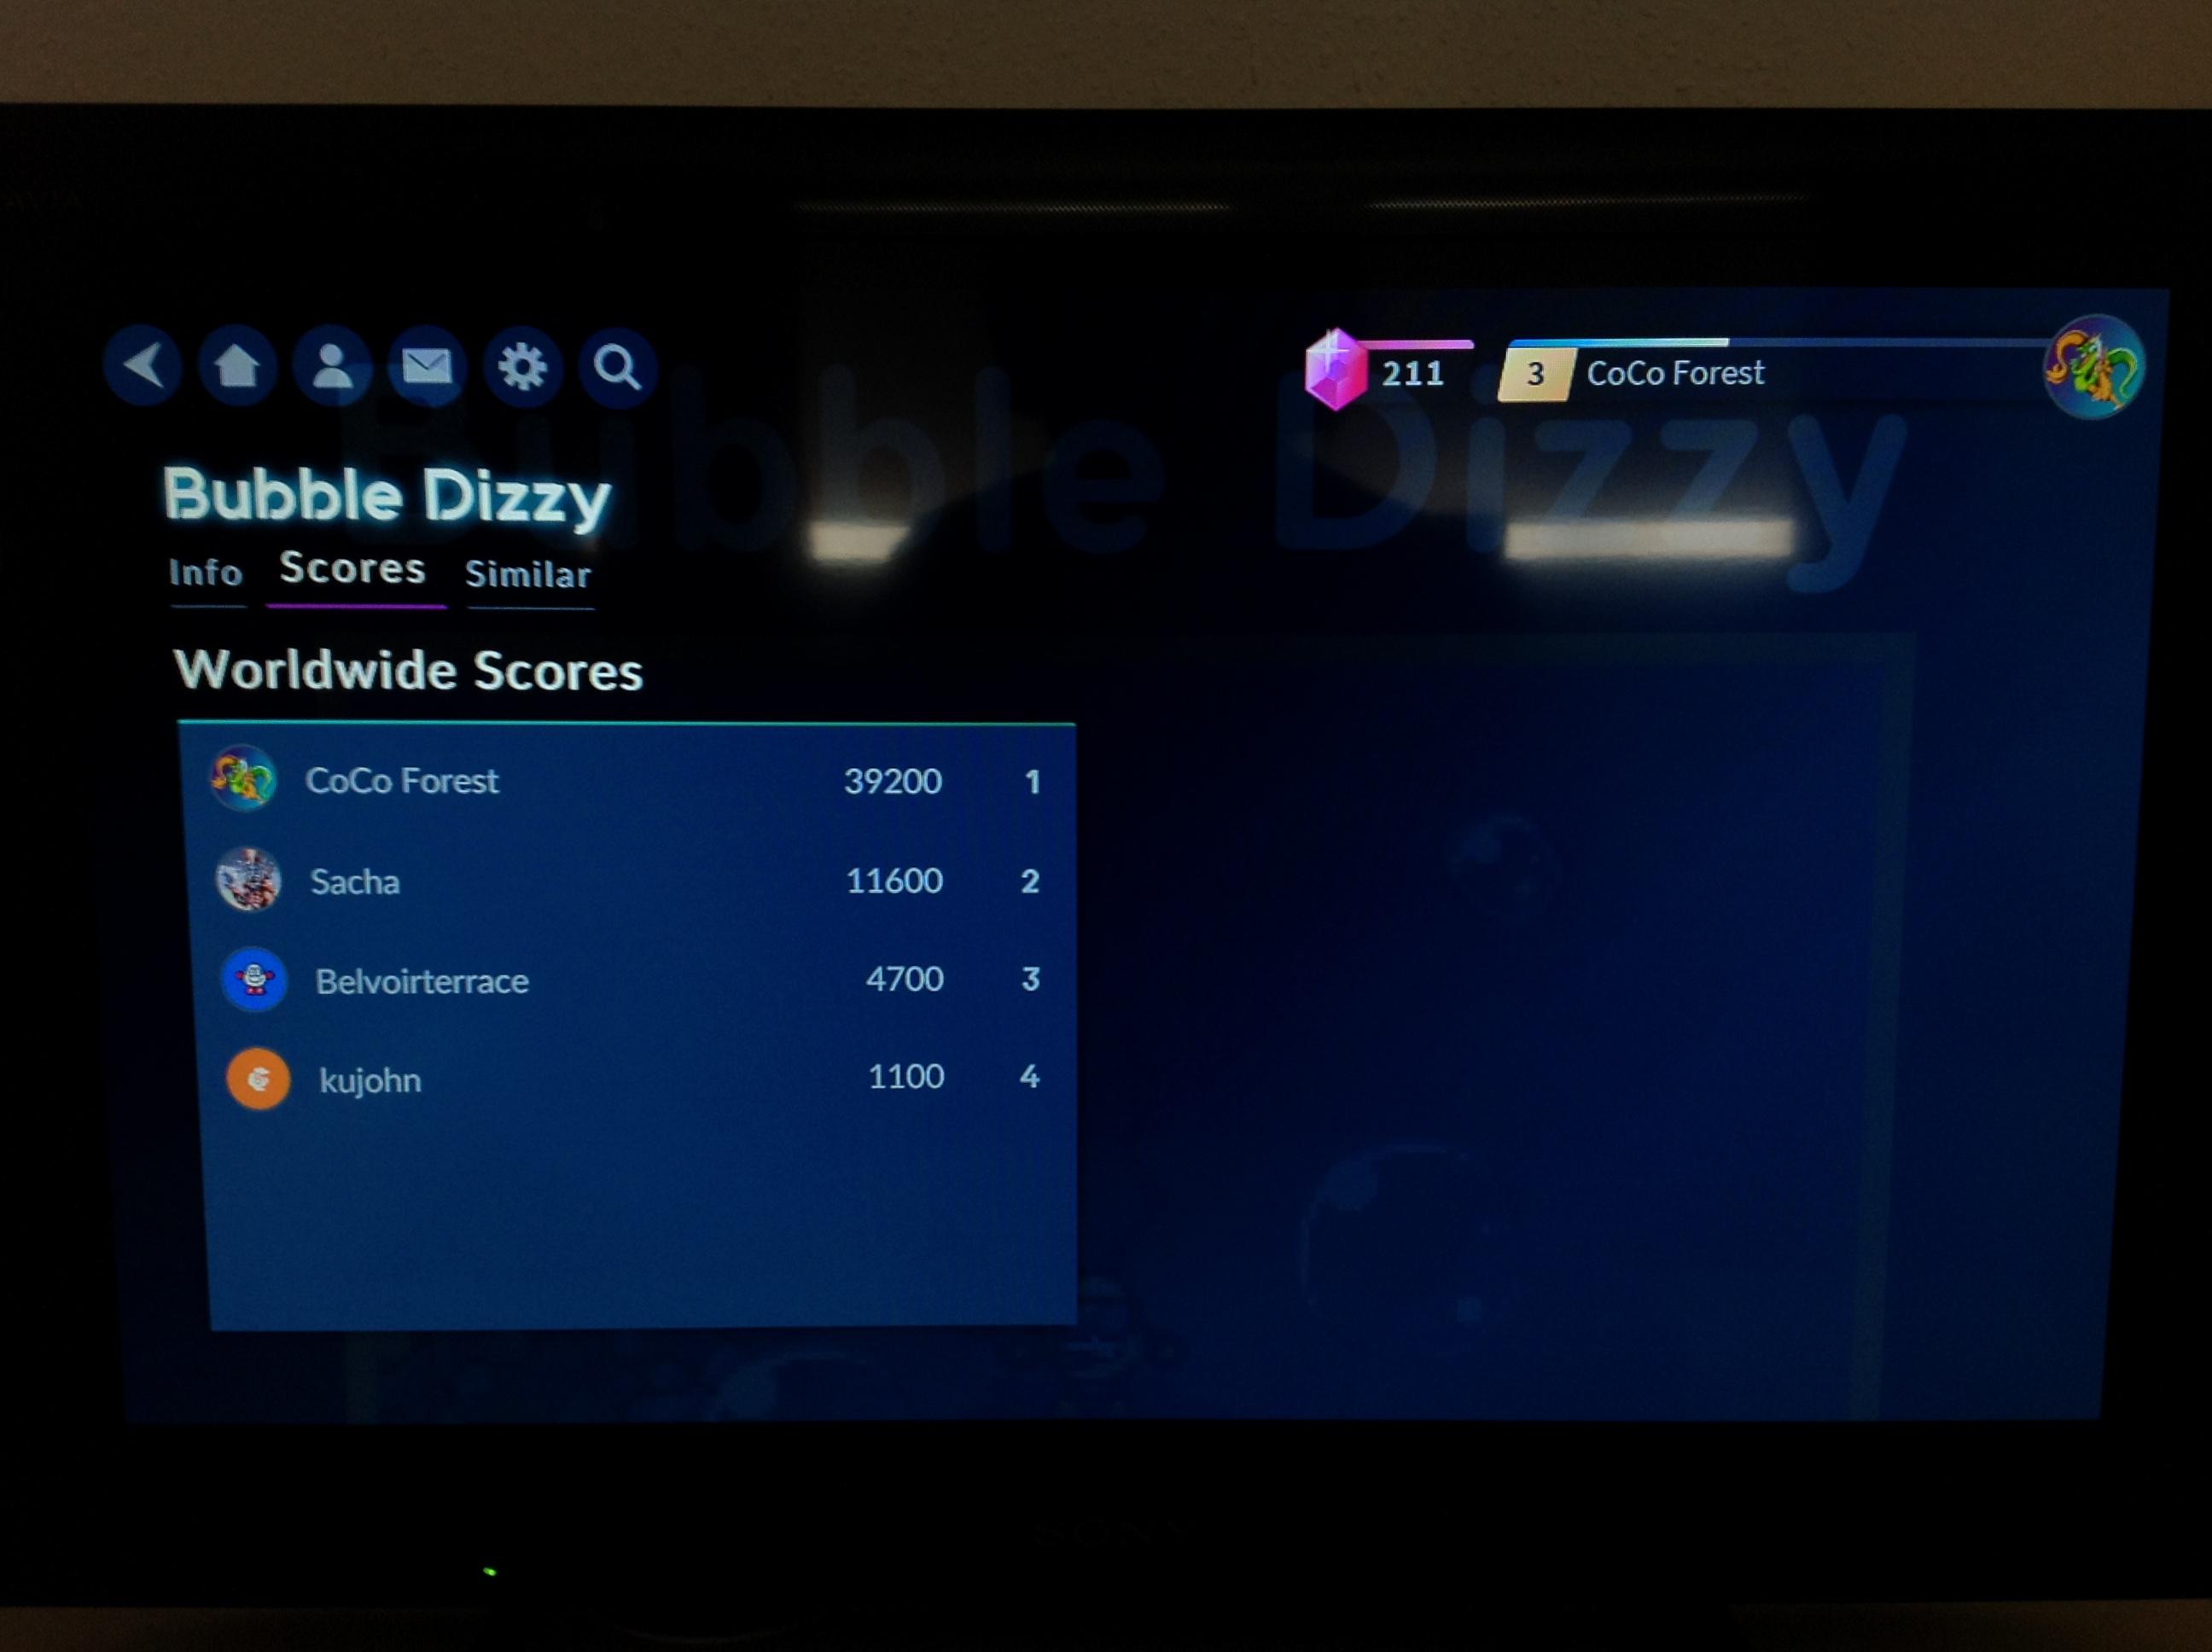 Bubble Dizzy 39,200 points